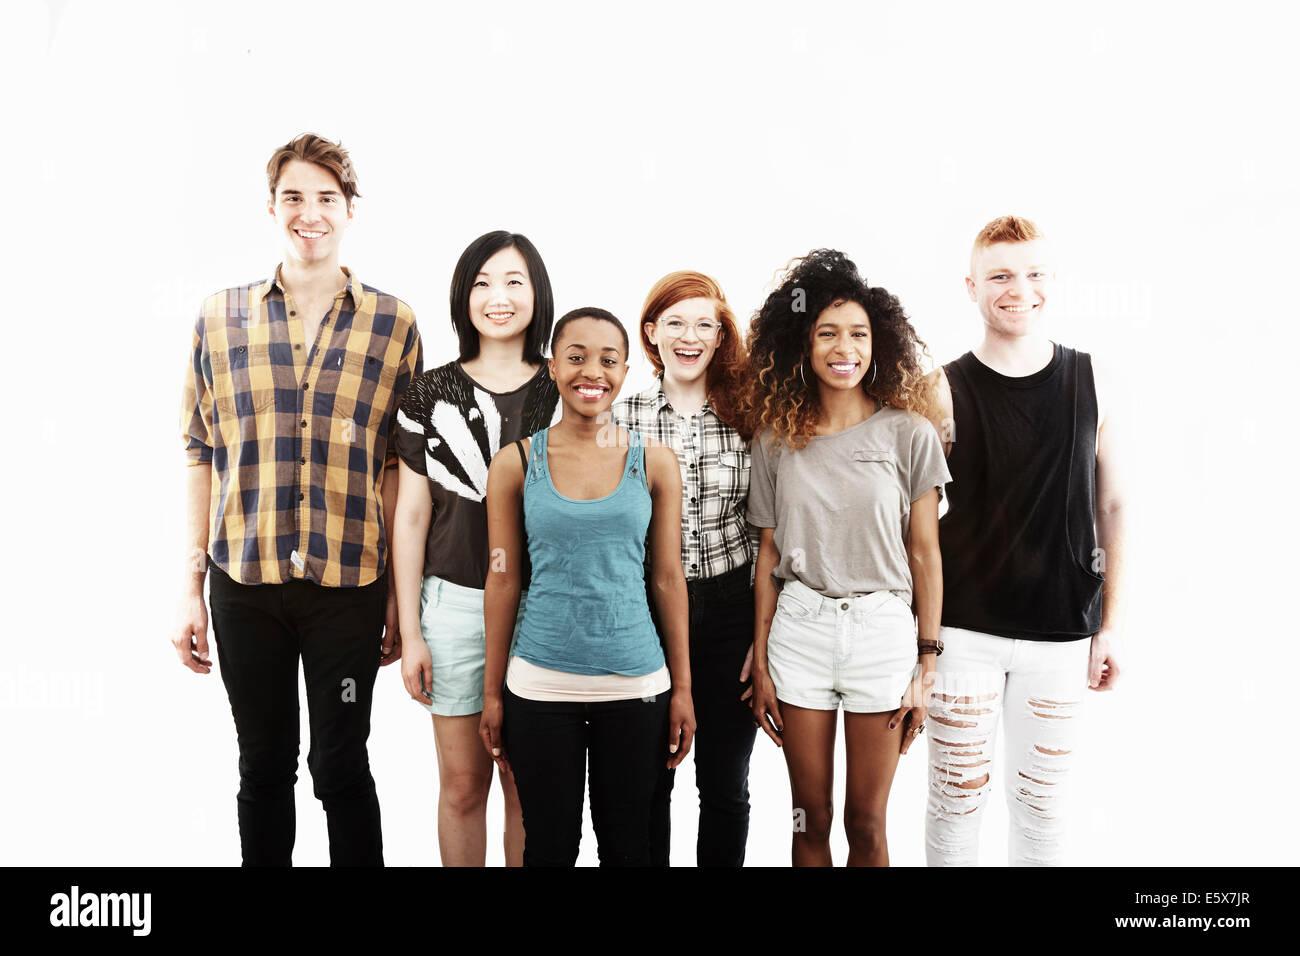 Studio formale ritratto di sei giovani amici adulti Immagini Stock